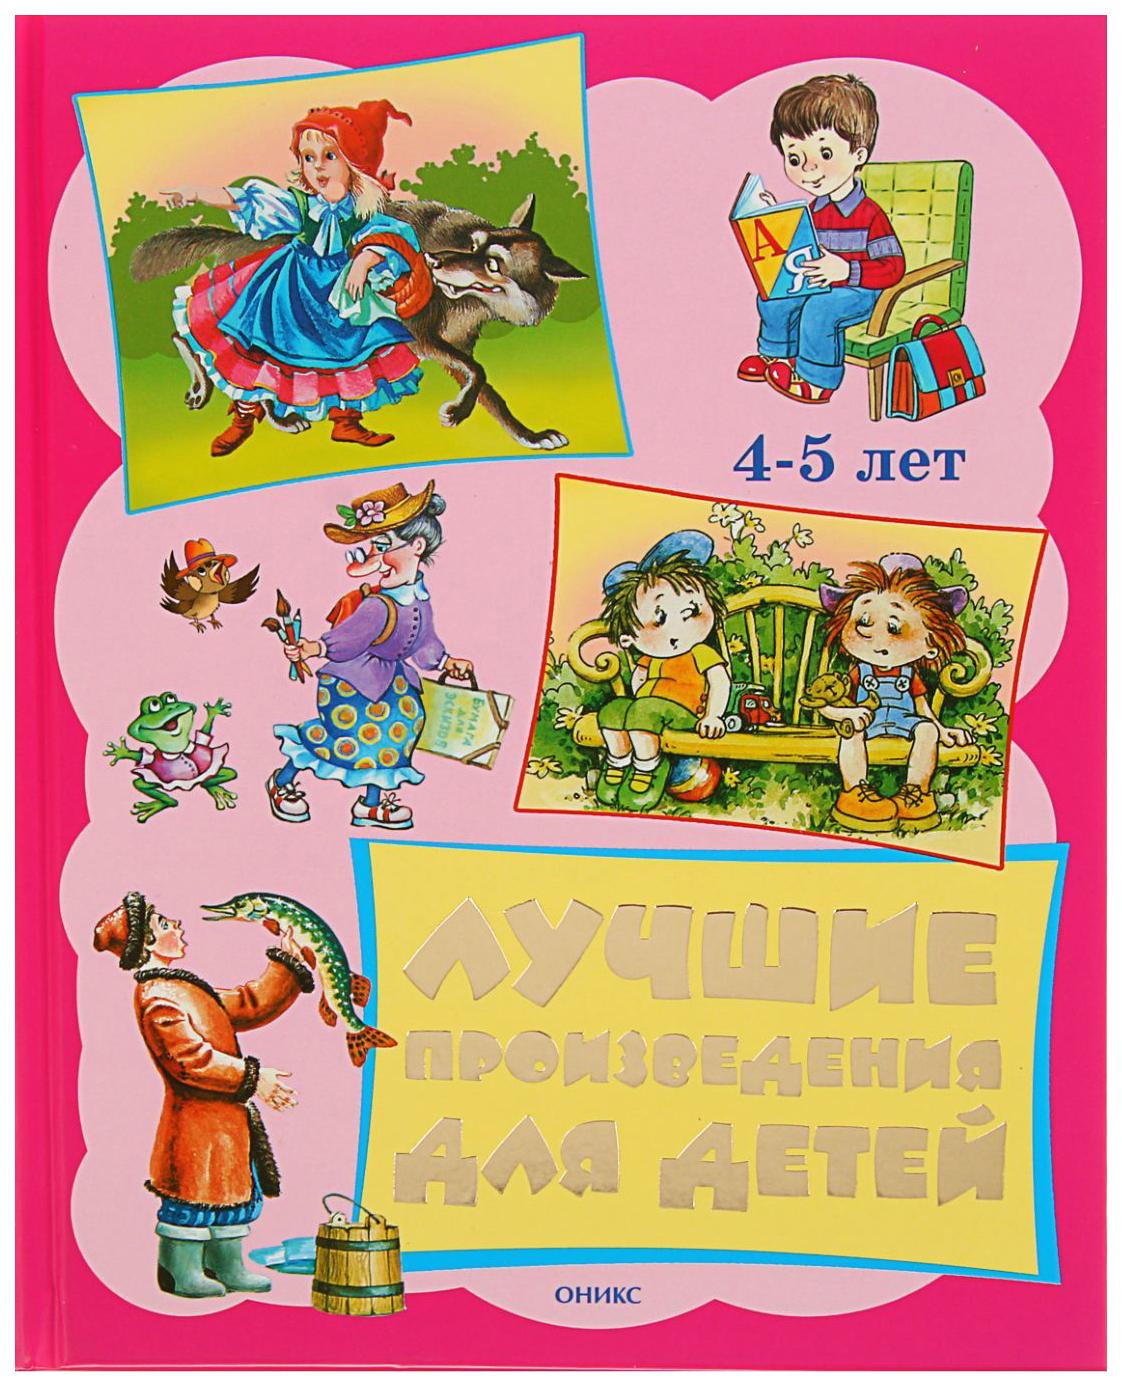 Книга Оникс-Лит лучшие произведения для Детей 4-5 лет